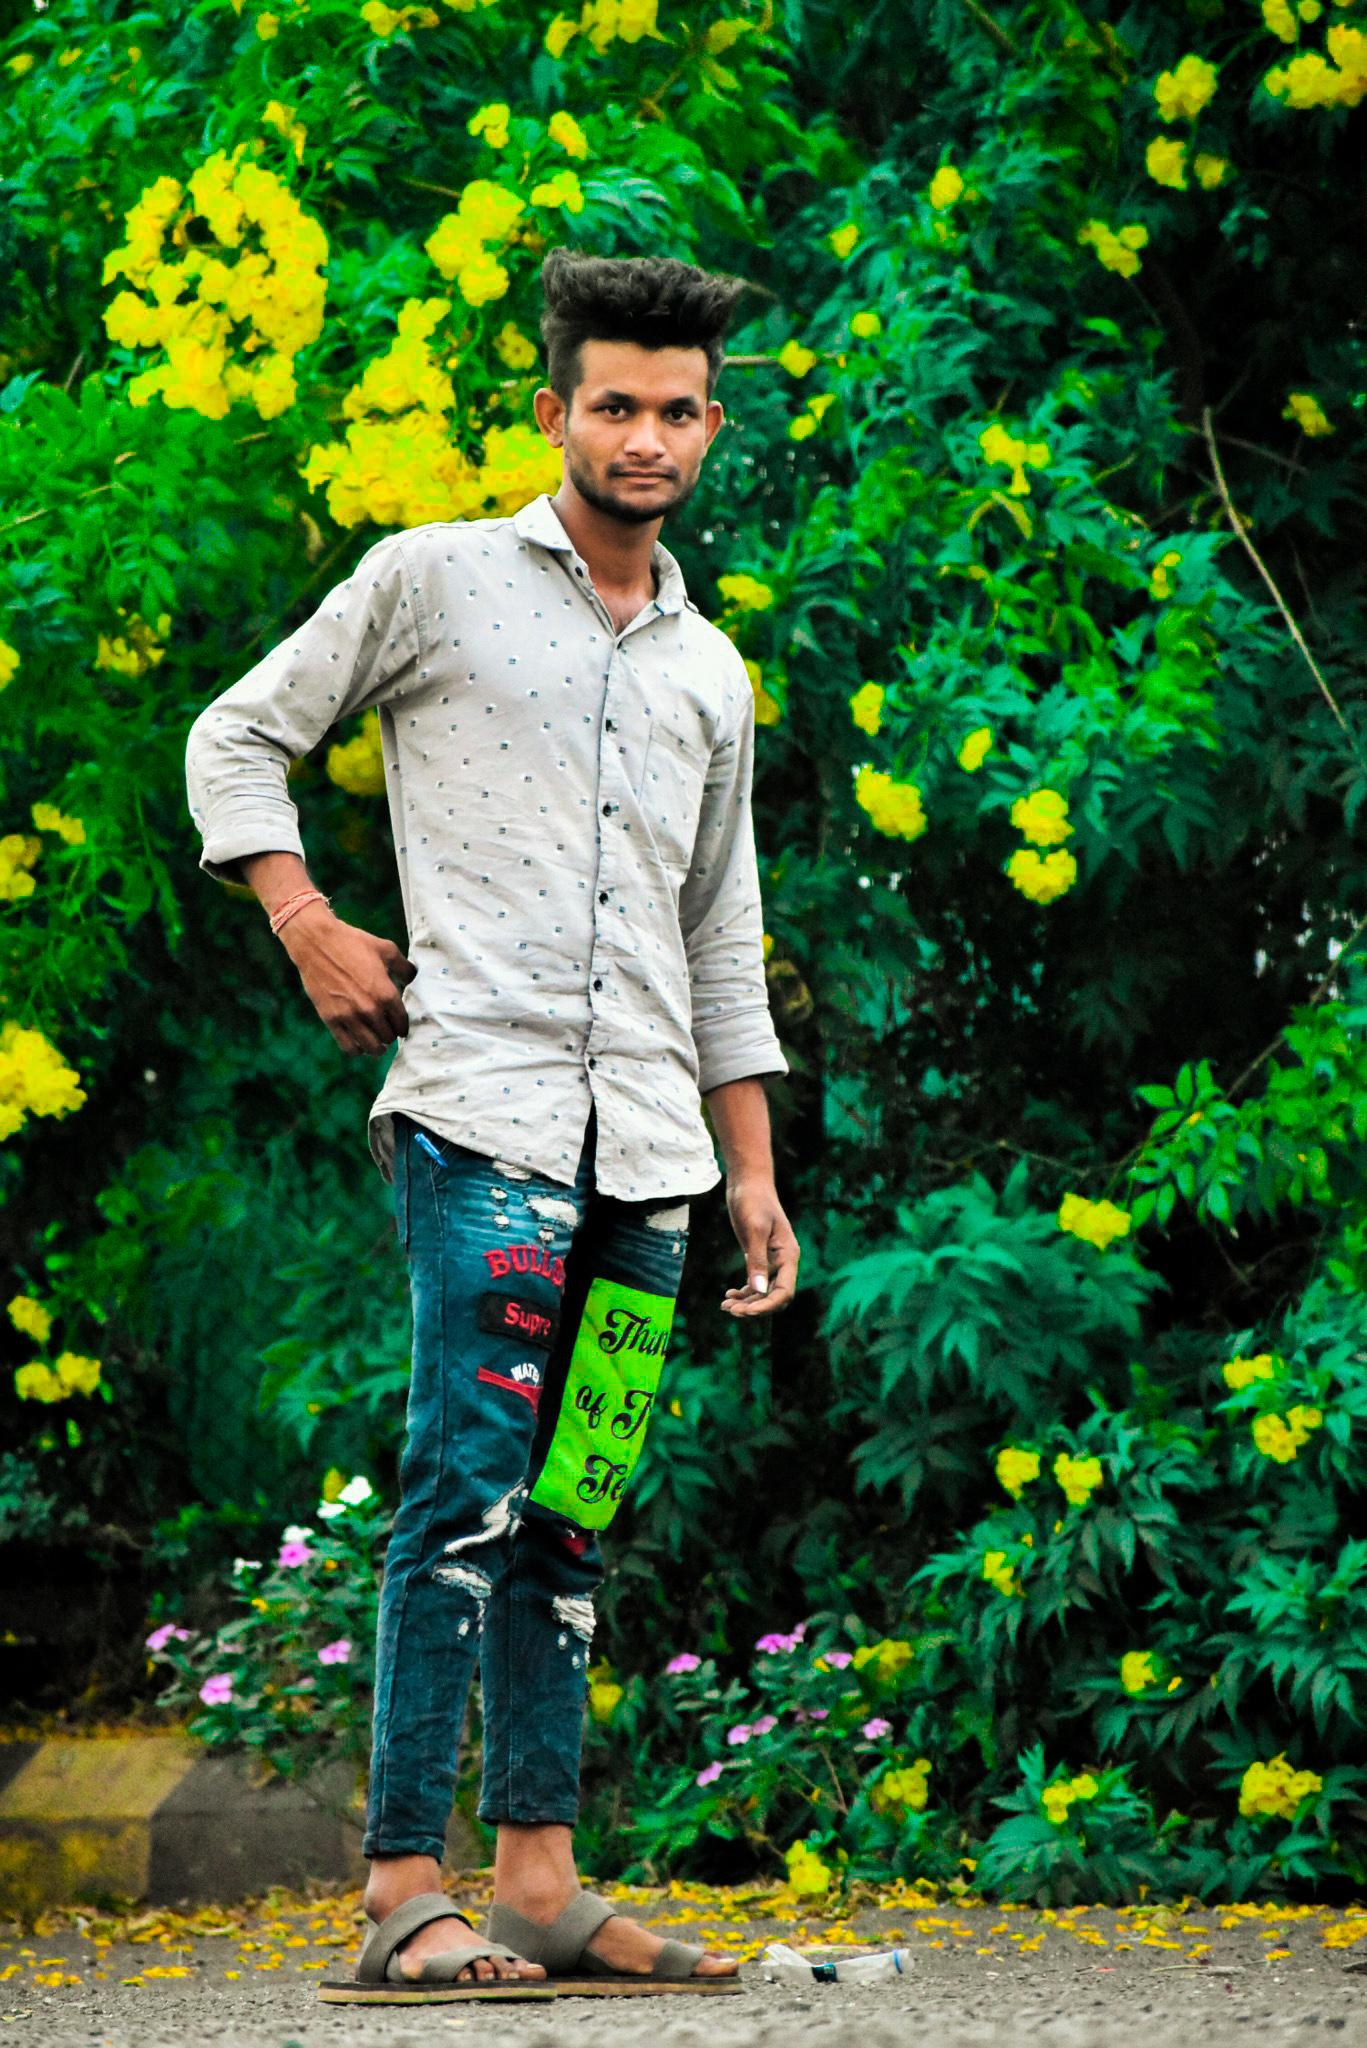 Guy standing in the midst of garden